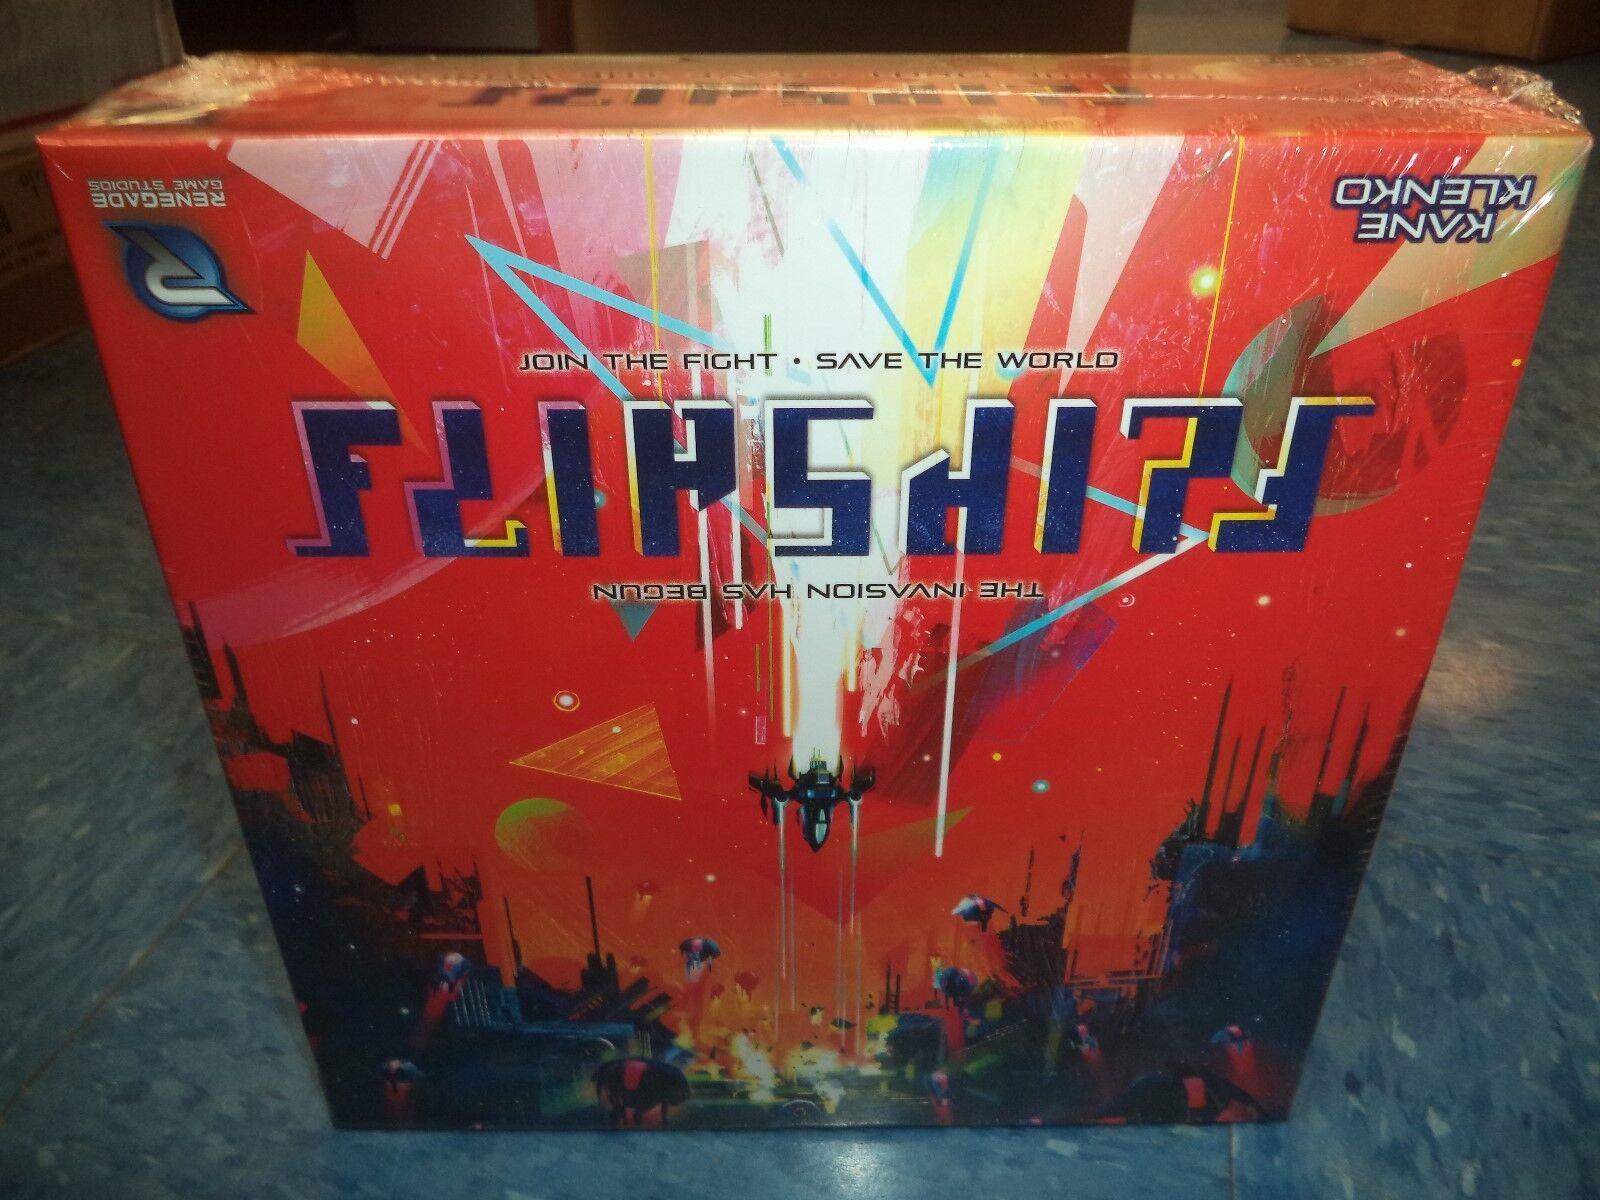 Flip Ships - Renegade giocos tavola gioco nuovo    prezzi bassissimi